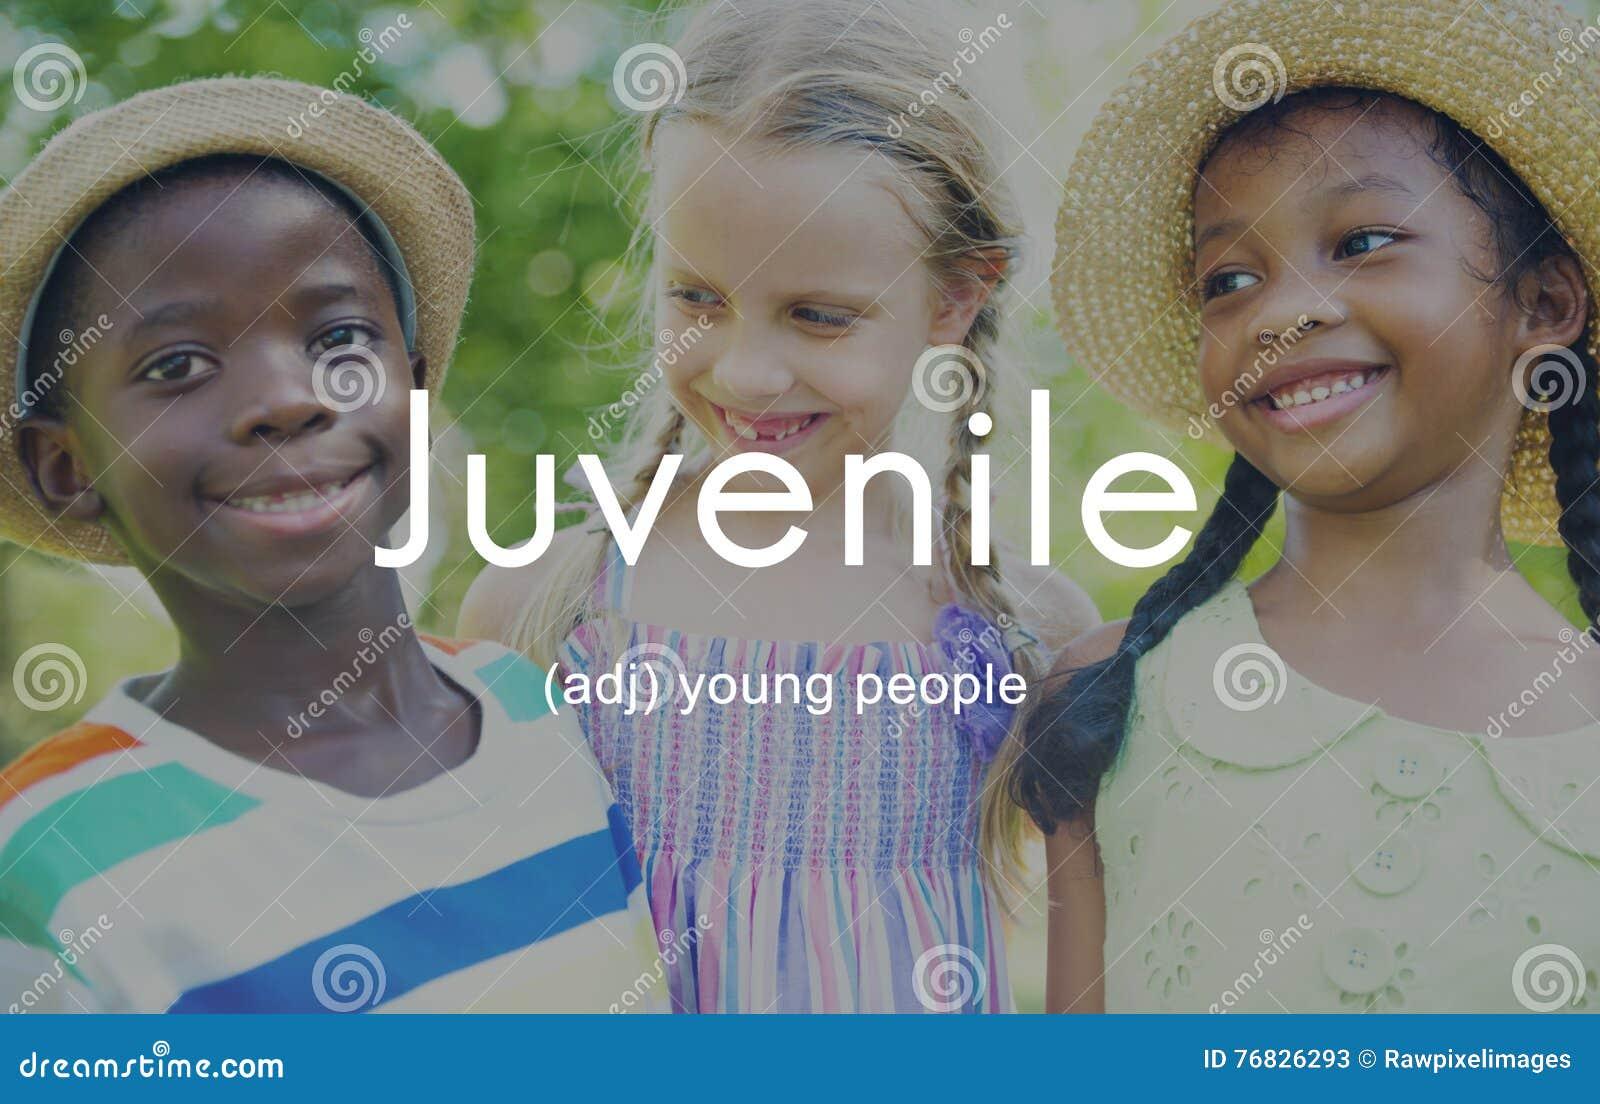 Le jeune badine le concept de jeunes d enfants de la jeunesse